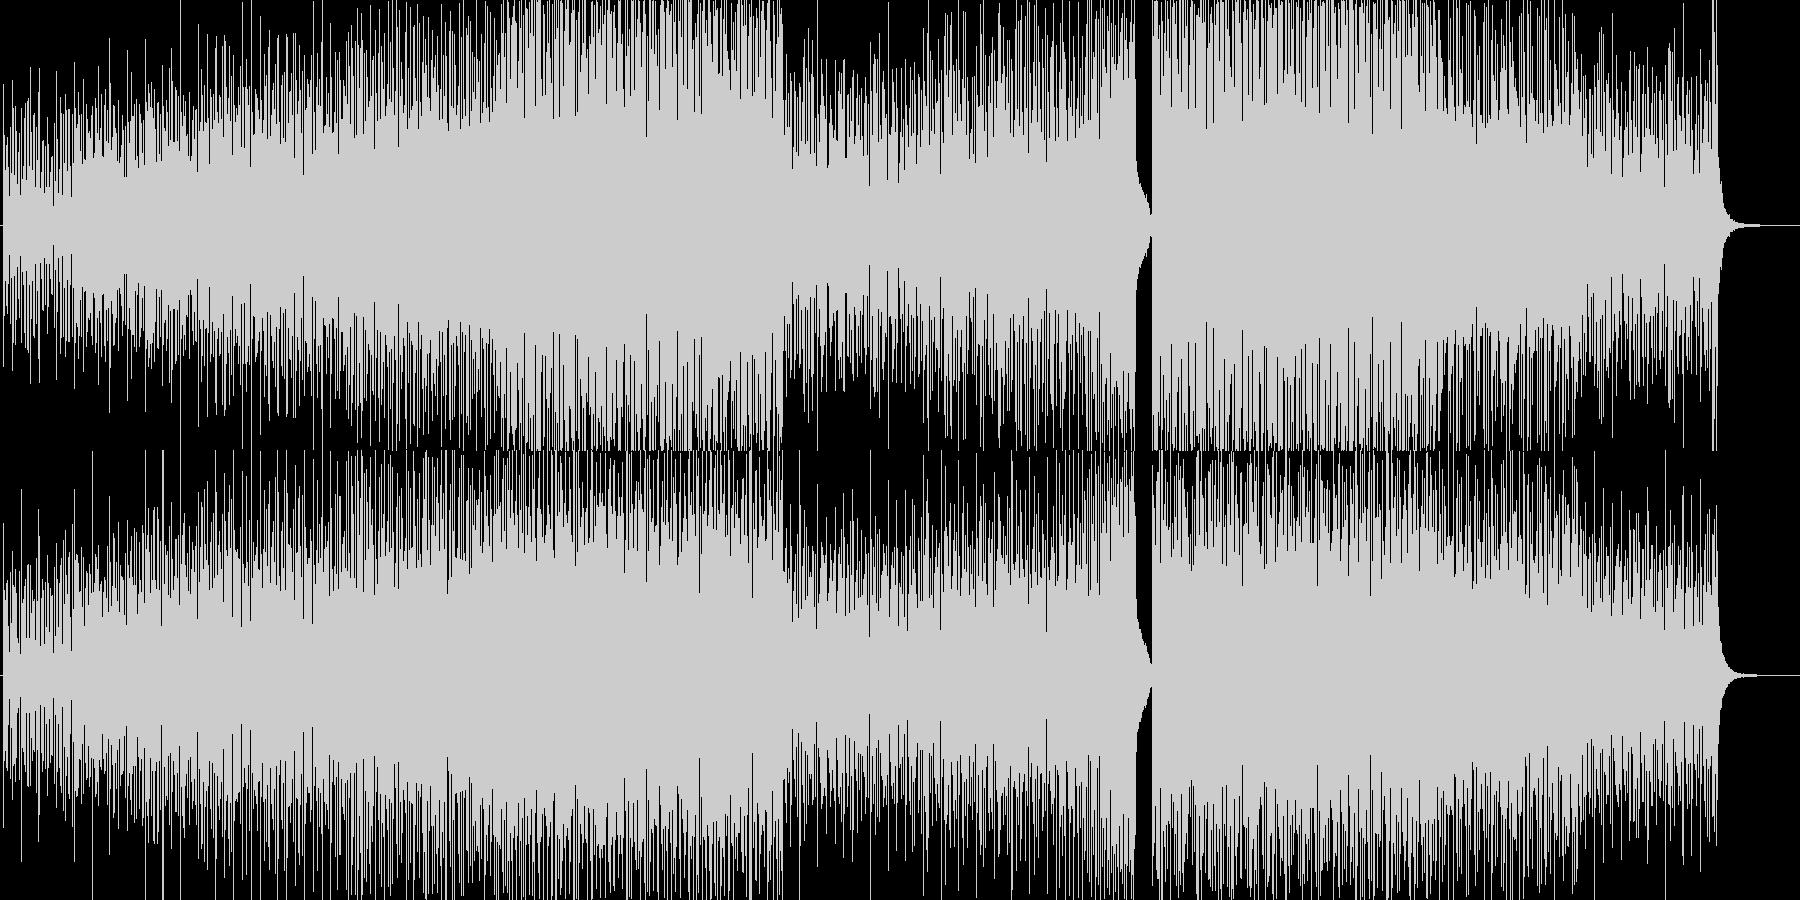 ポジティブ・ハウスポップ・爽やか・動画の未再生の波形